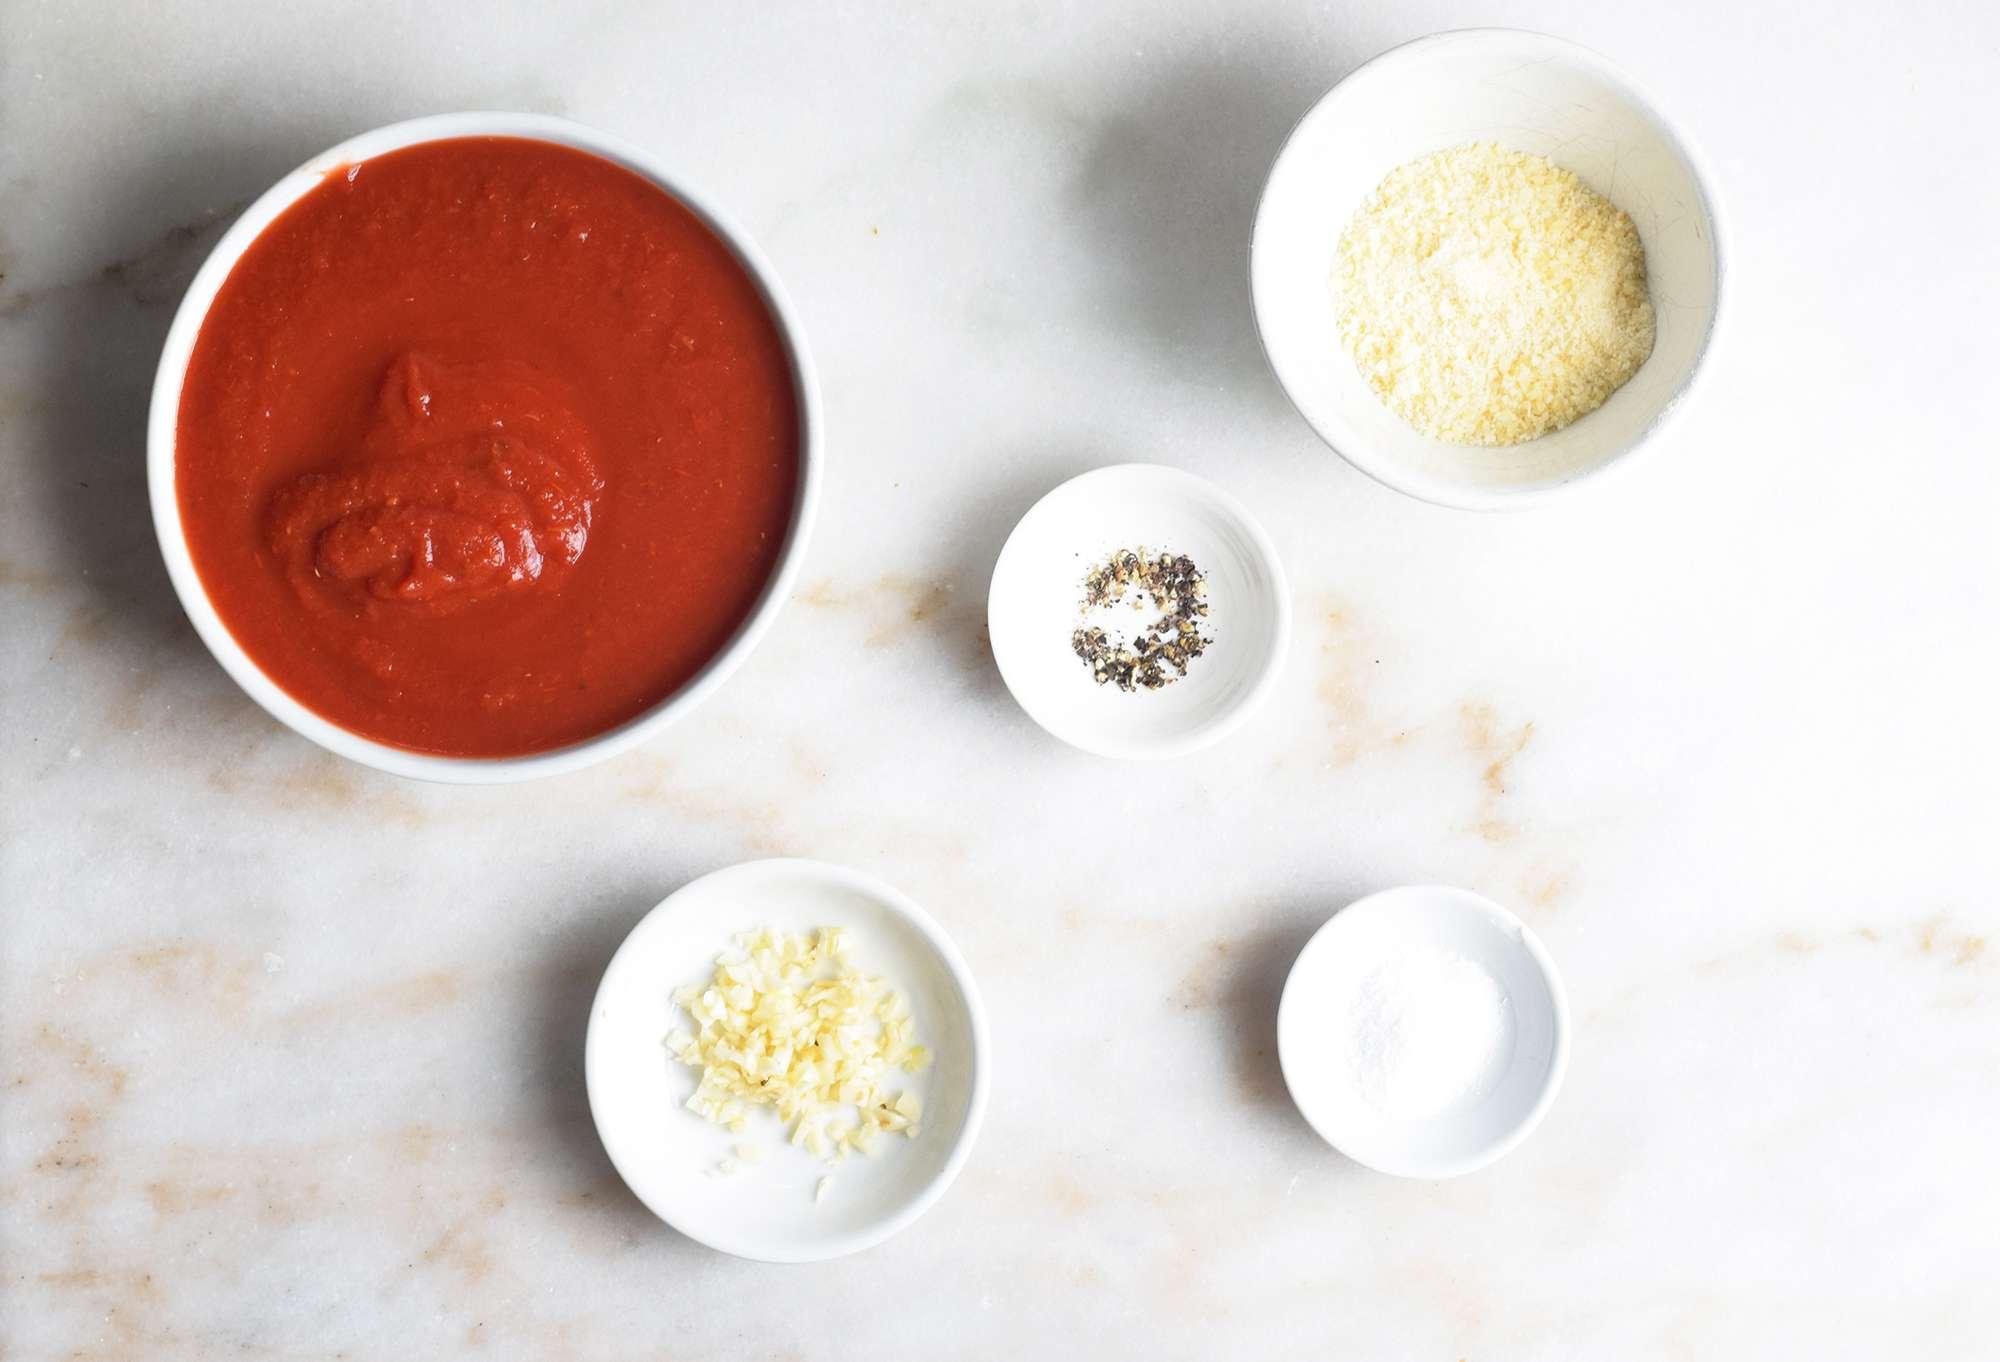 ingredients for marinara sauce